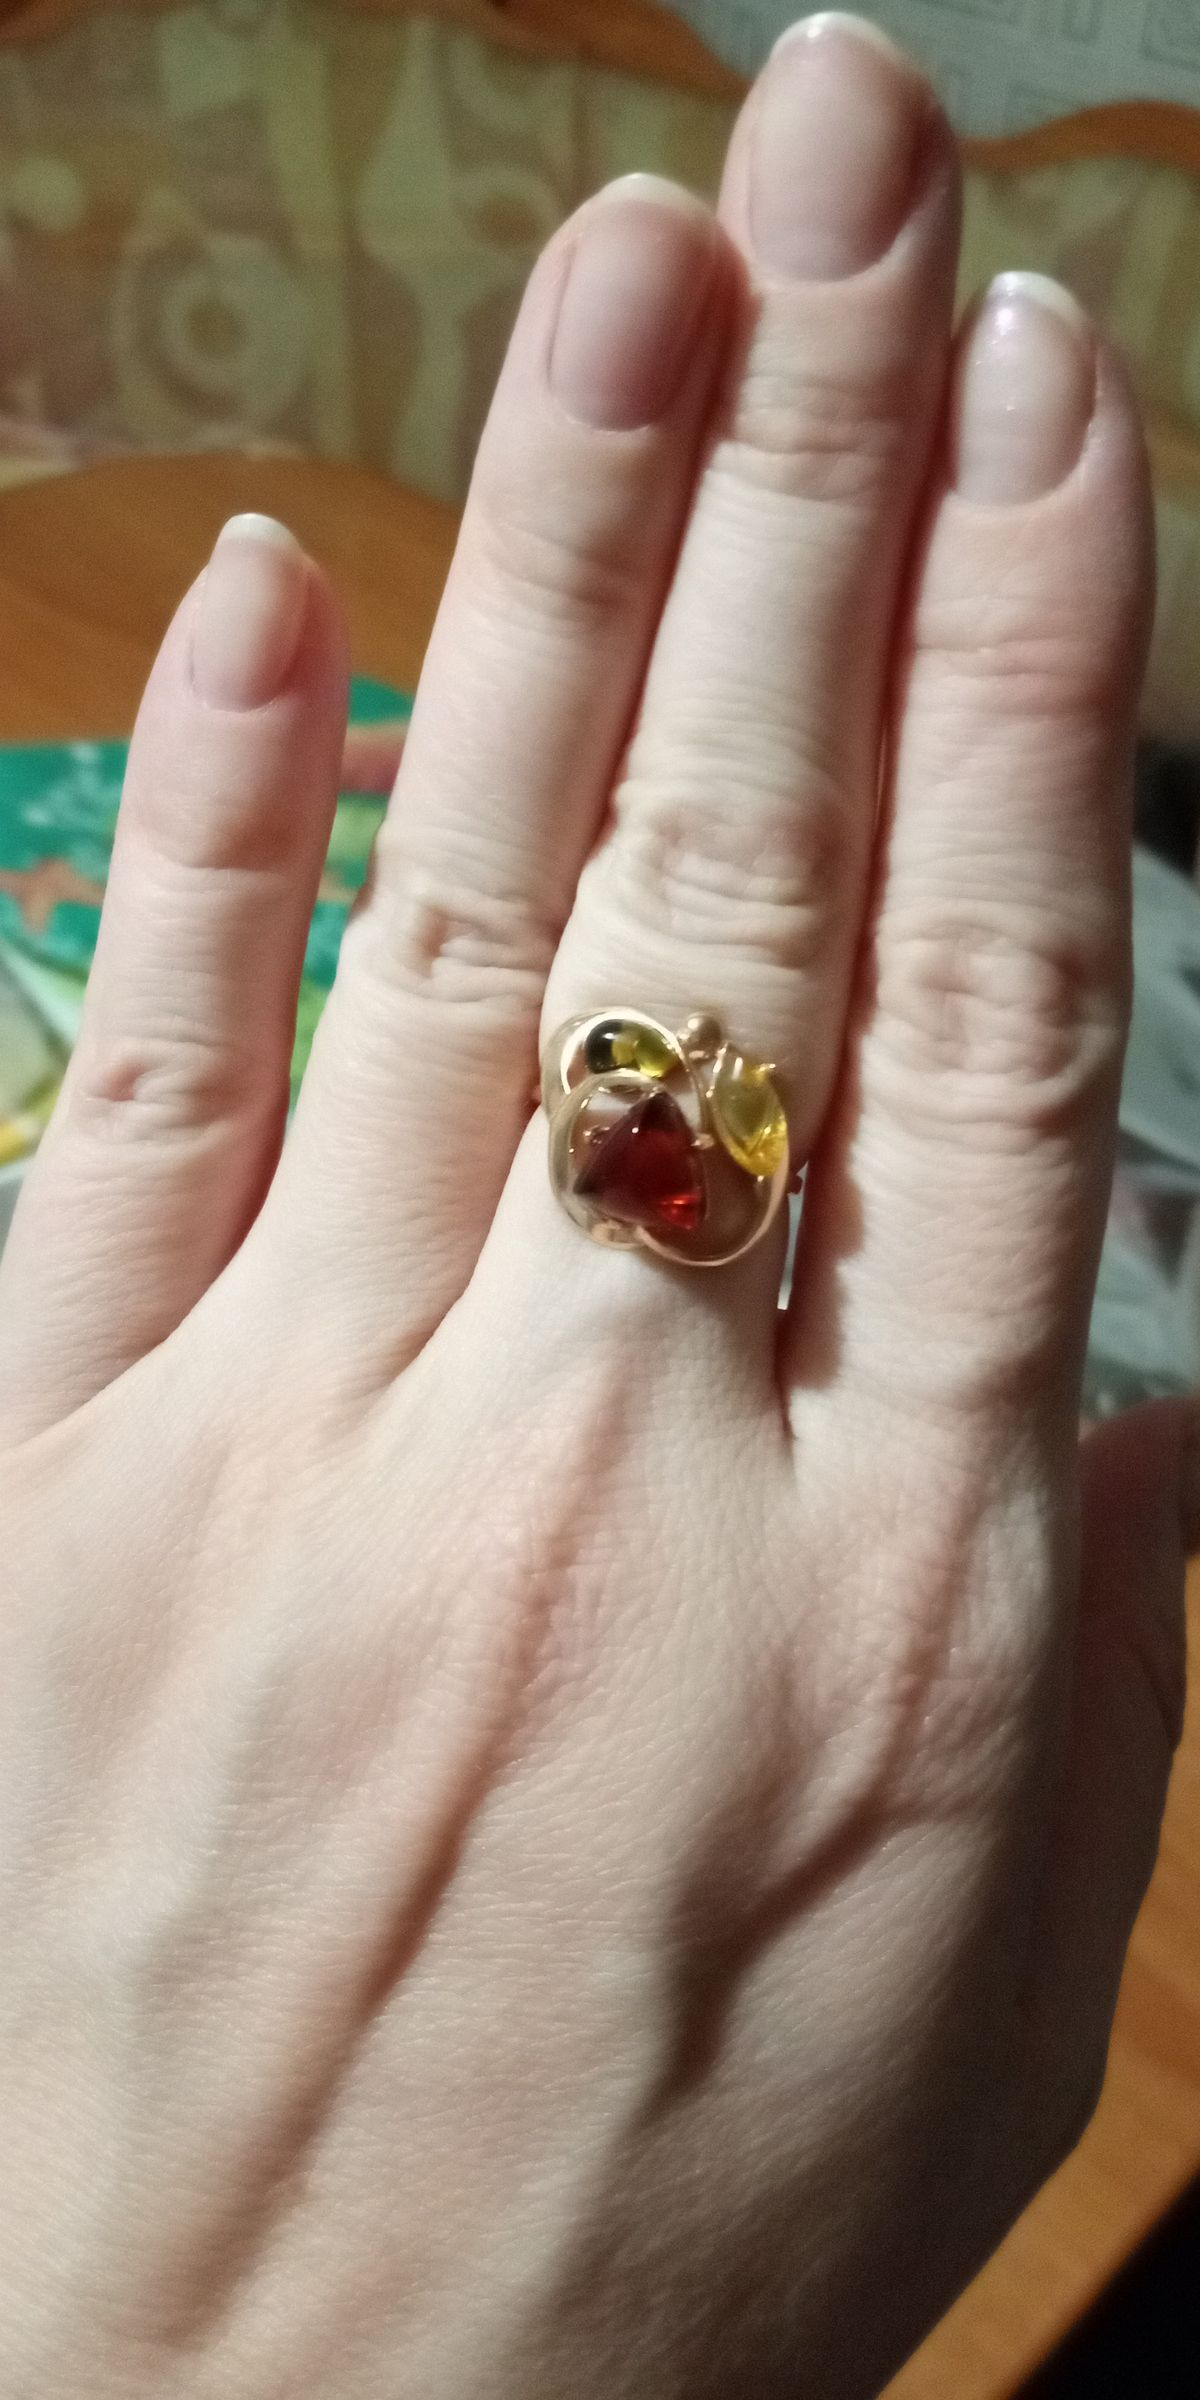 Кольцо себе в подарок.